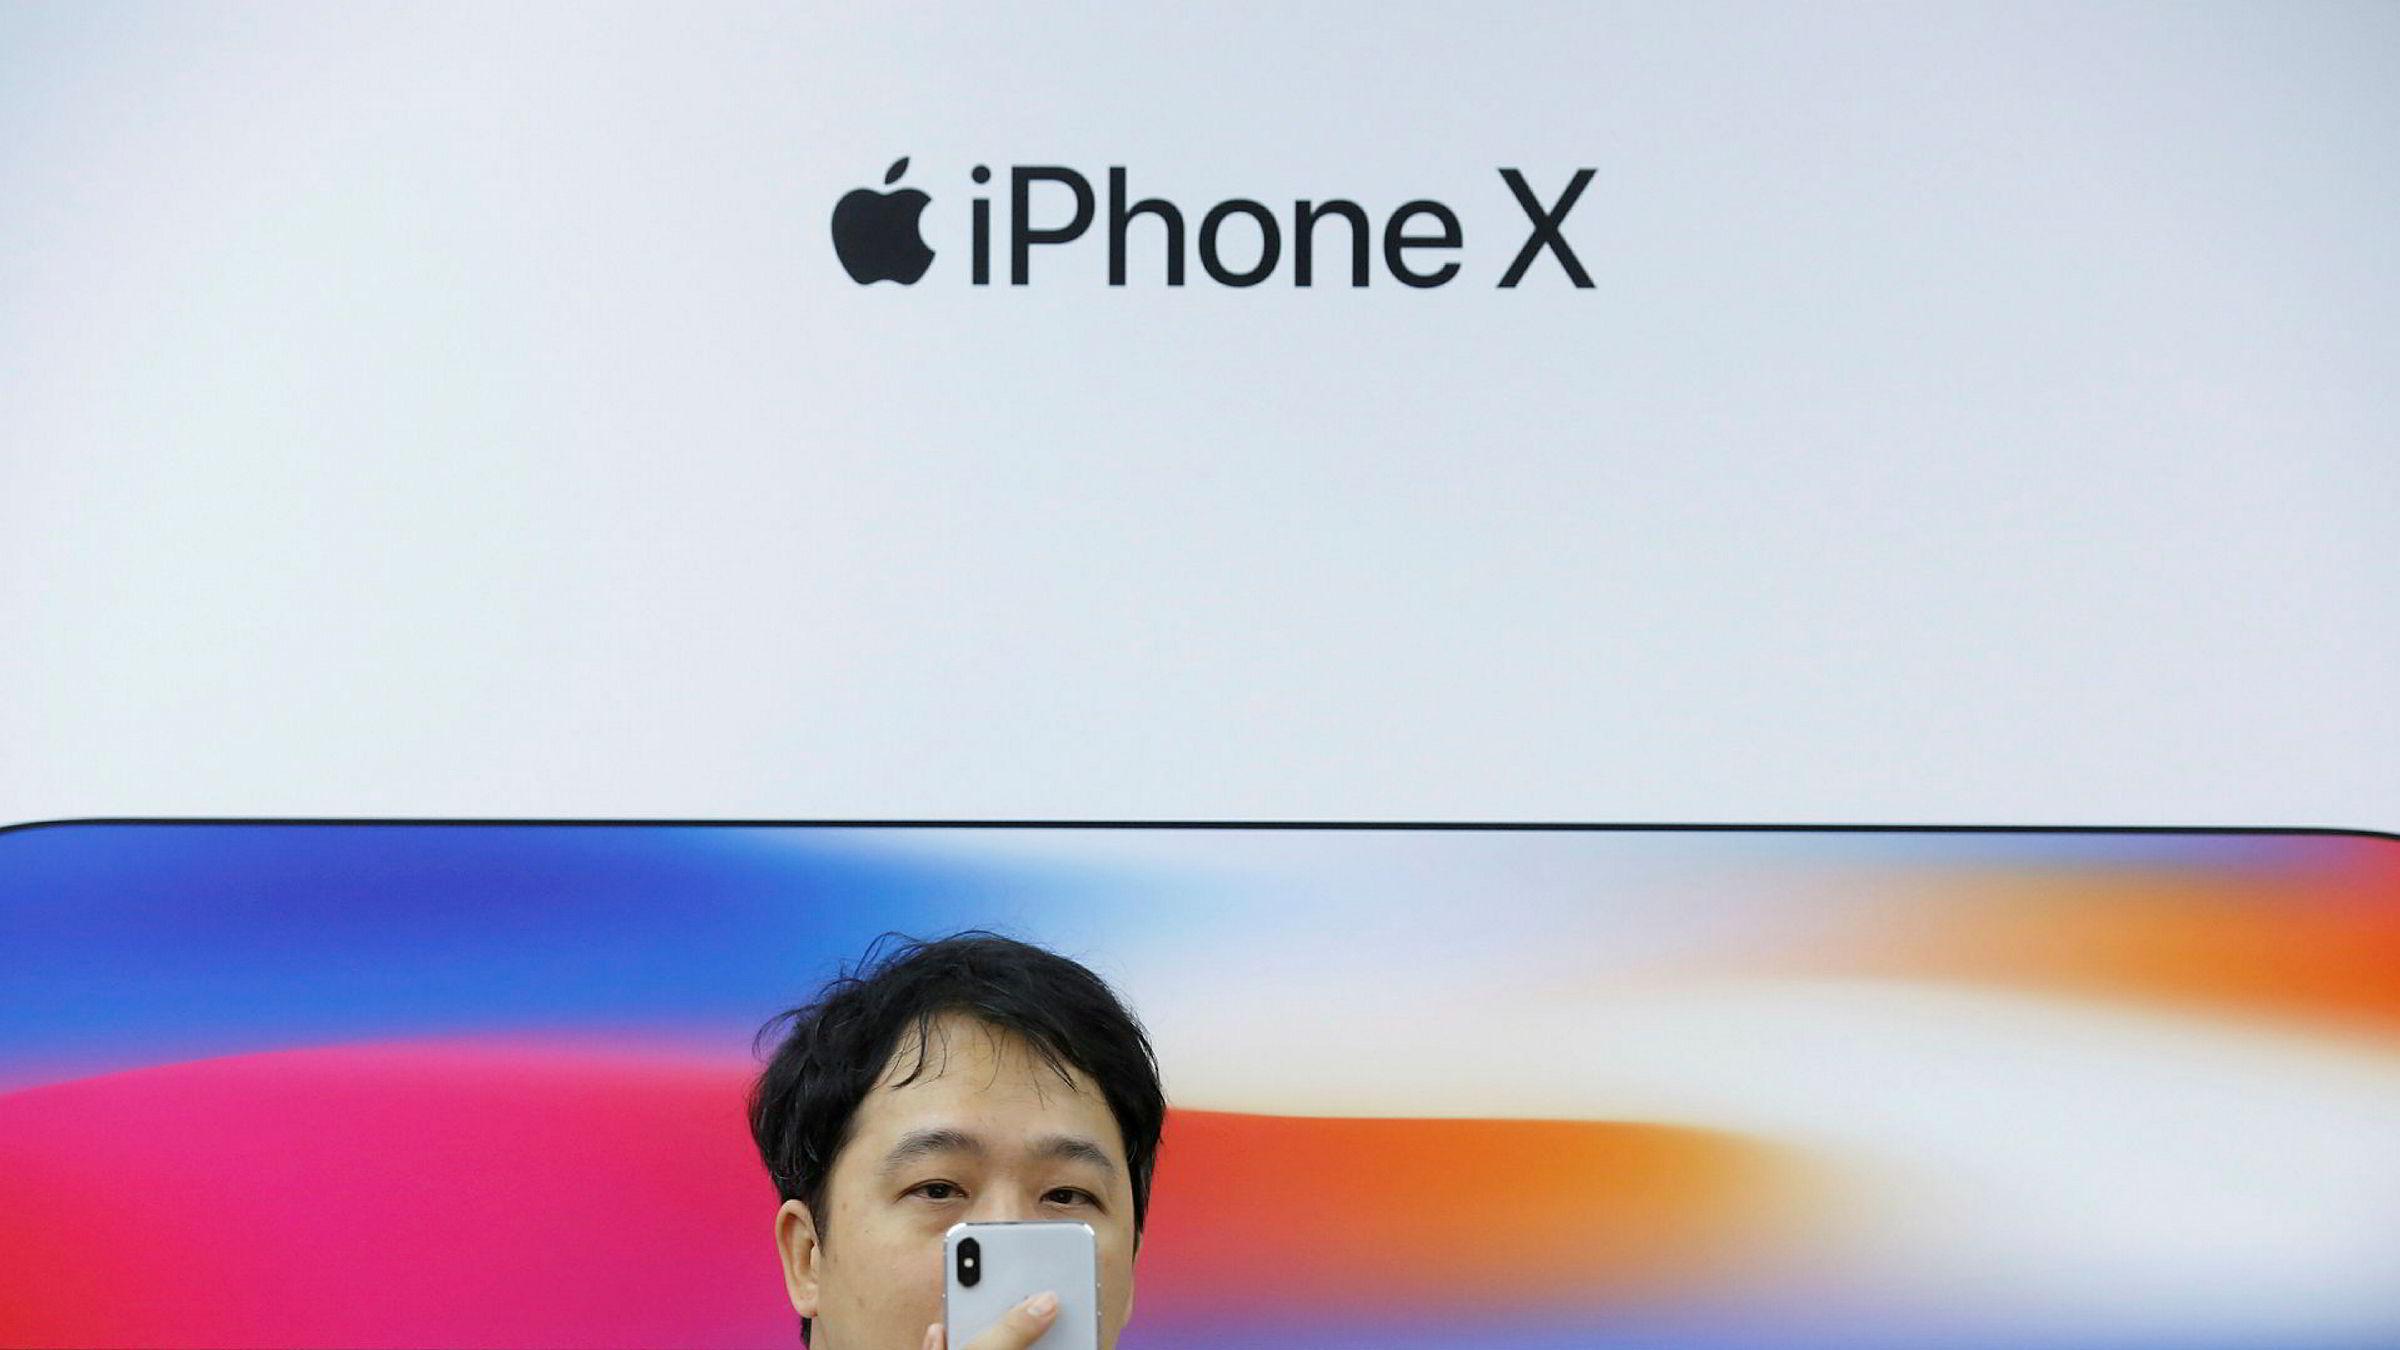 Apples aksjekurs falt med over 2,5 prosent ved Nasdaq-børsen på tirsdag etter lekkasjer, rykter og analyser om at interessen for flaggskipet Iphone X er lavere enn ventet.